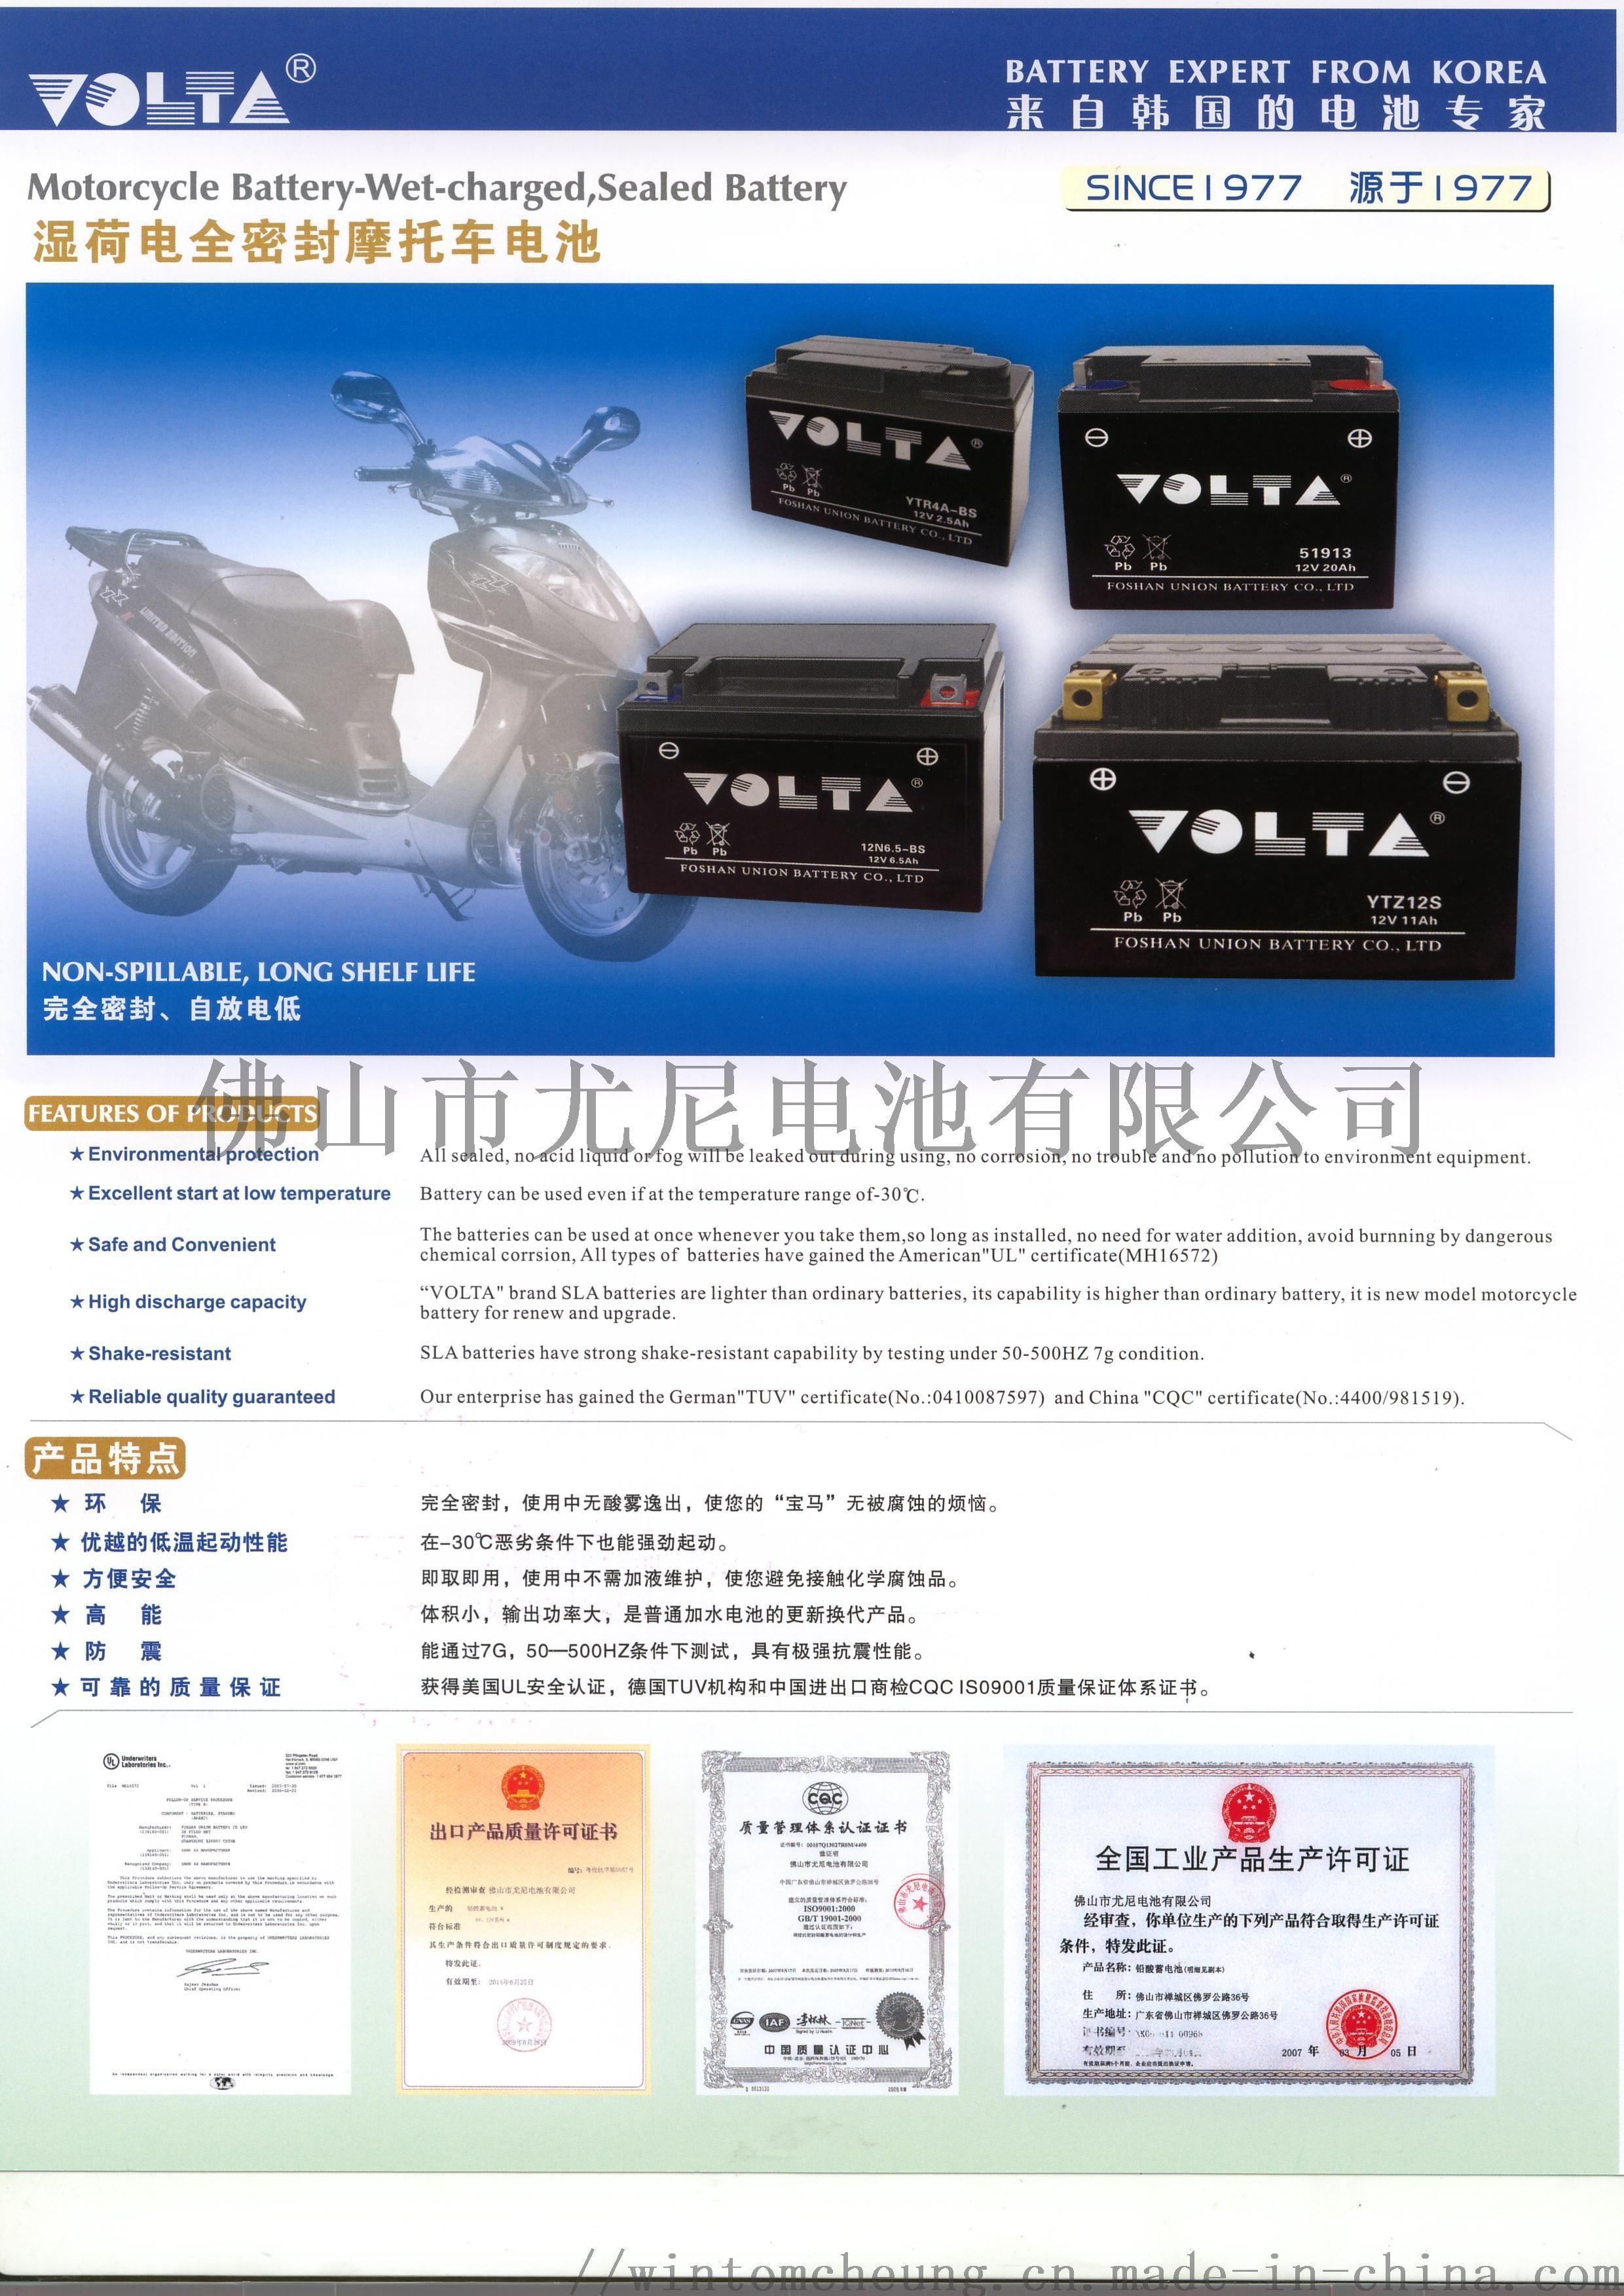 摩托车电池湿荷A面.JPG